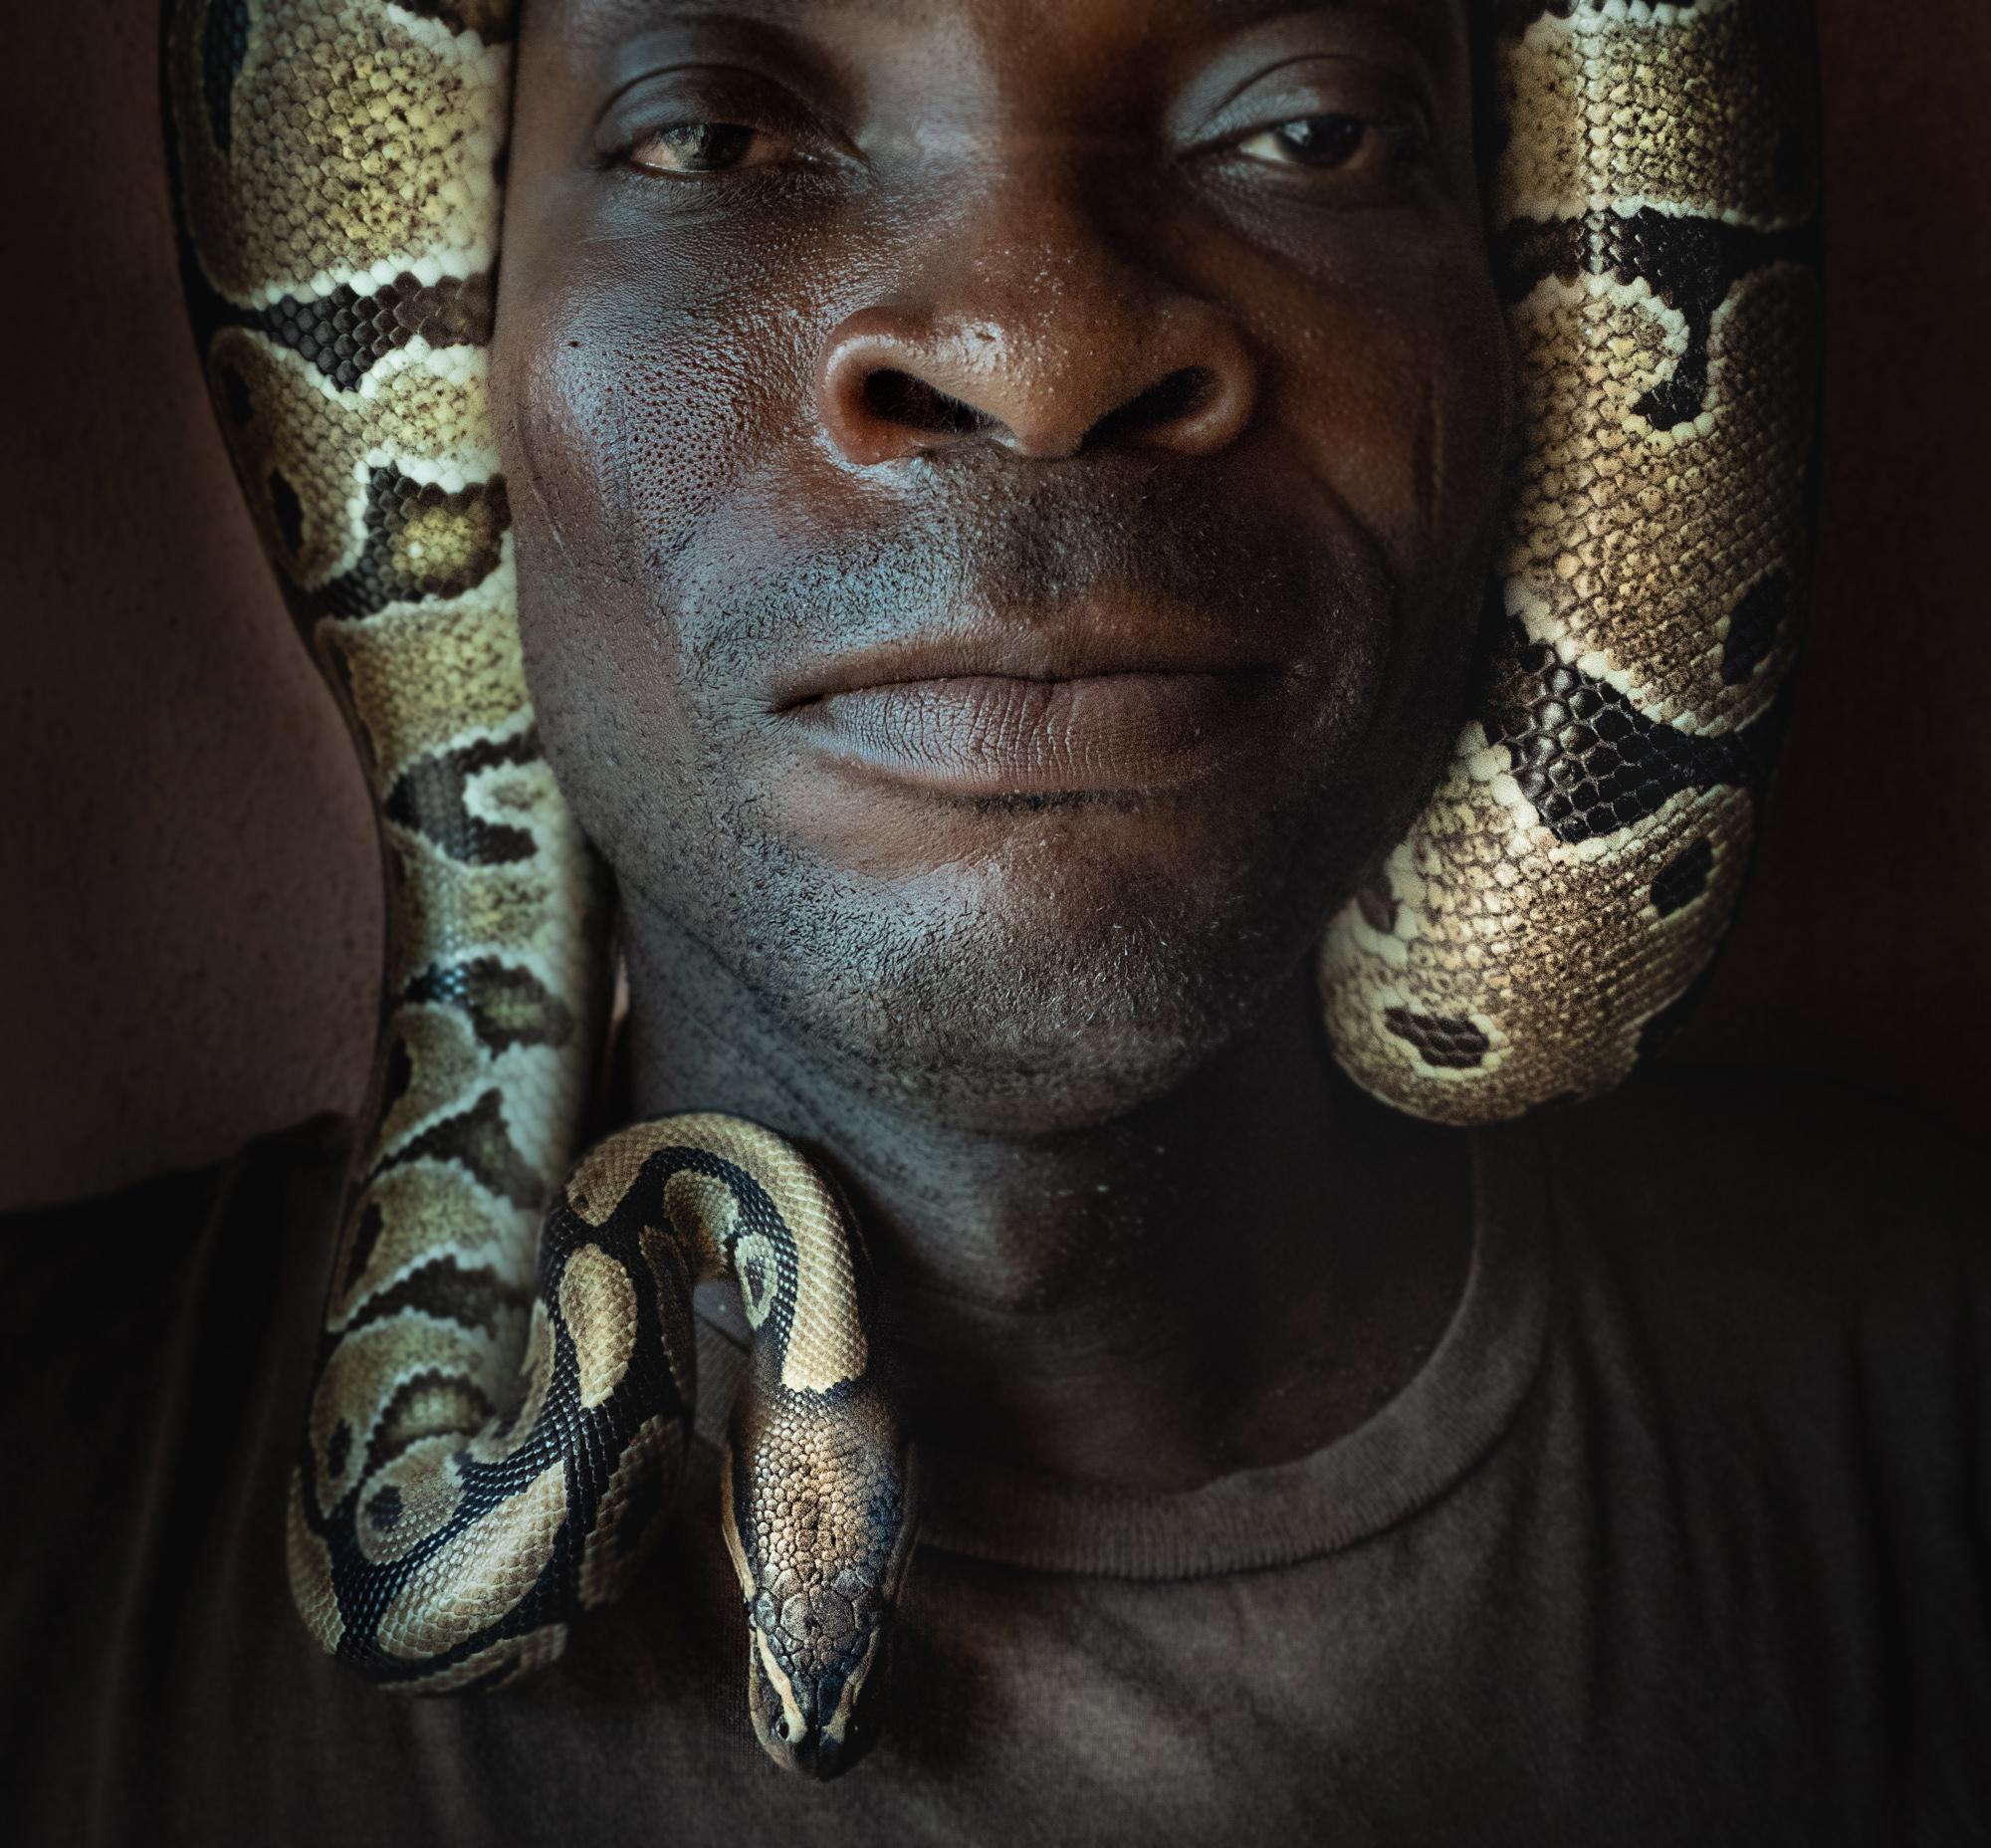 Benin_2000_Man w Snake Def.jpg